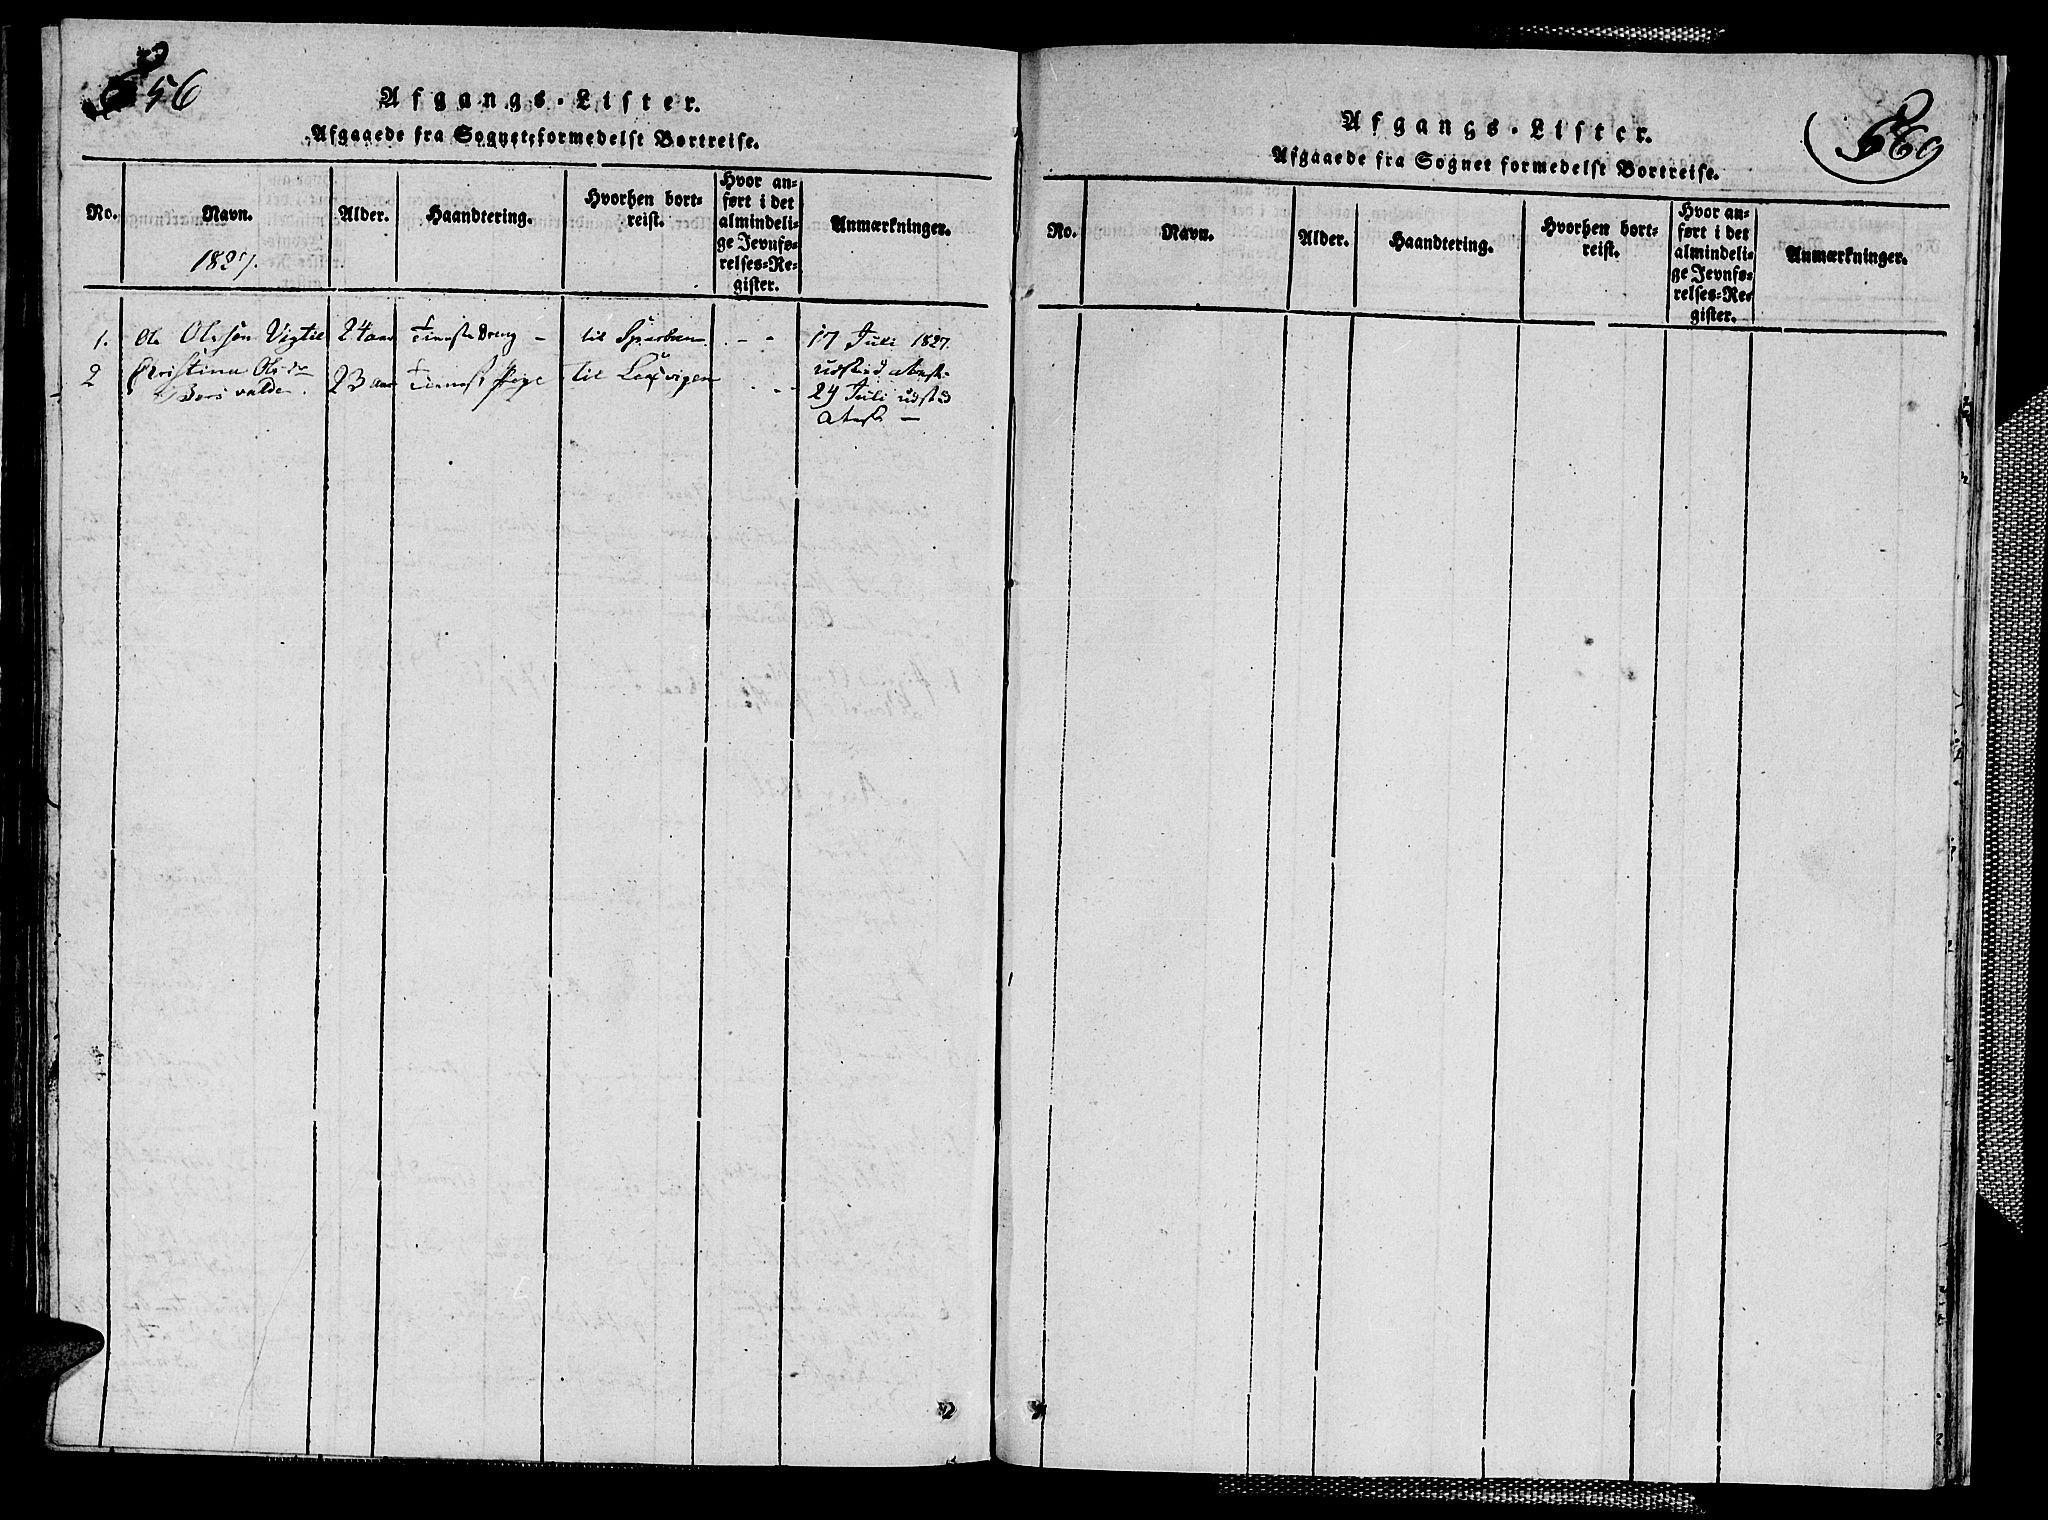 SAT, Ministerialprotokoller, klokkerbøker og fødselsregistre - Nord-Trøndelag, 713/L0124: Klokkerbok nr. 713C01, 1817-1827, s. 556-569